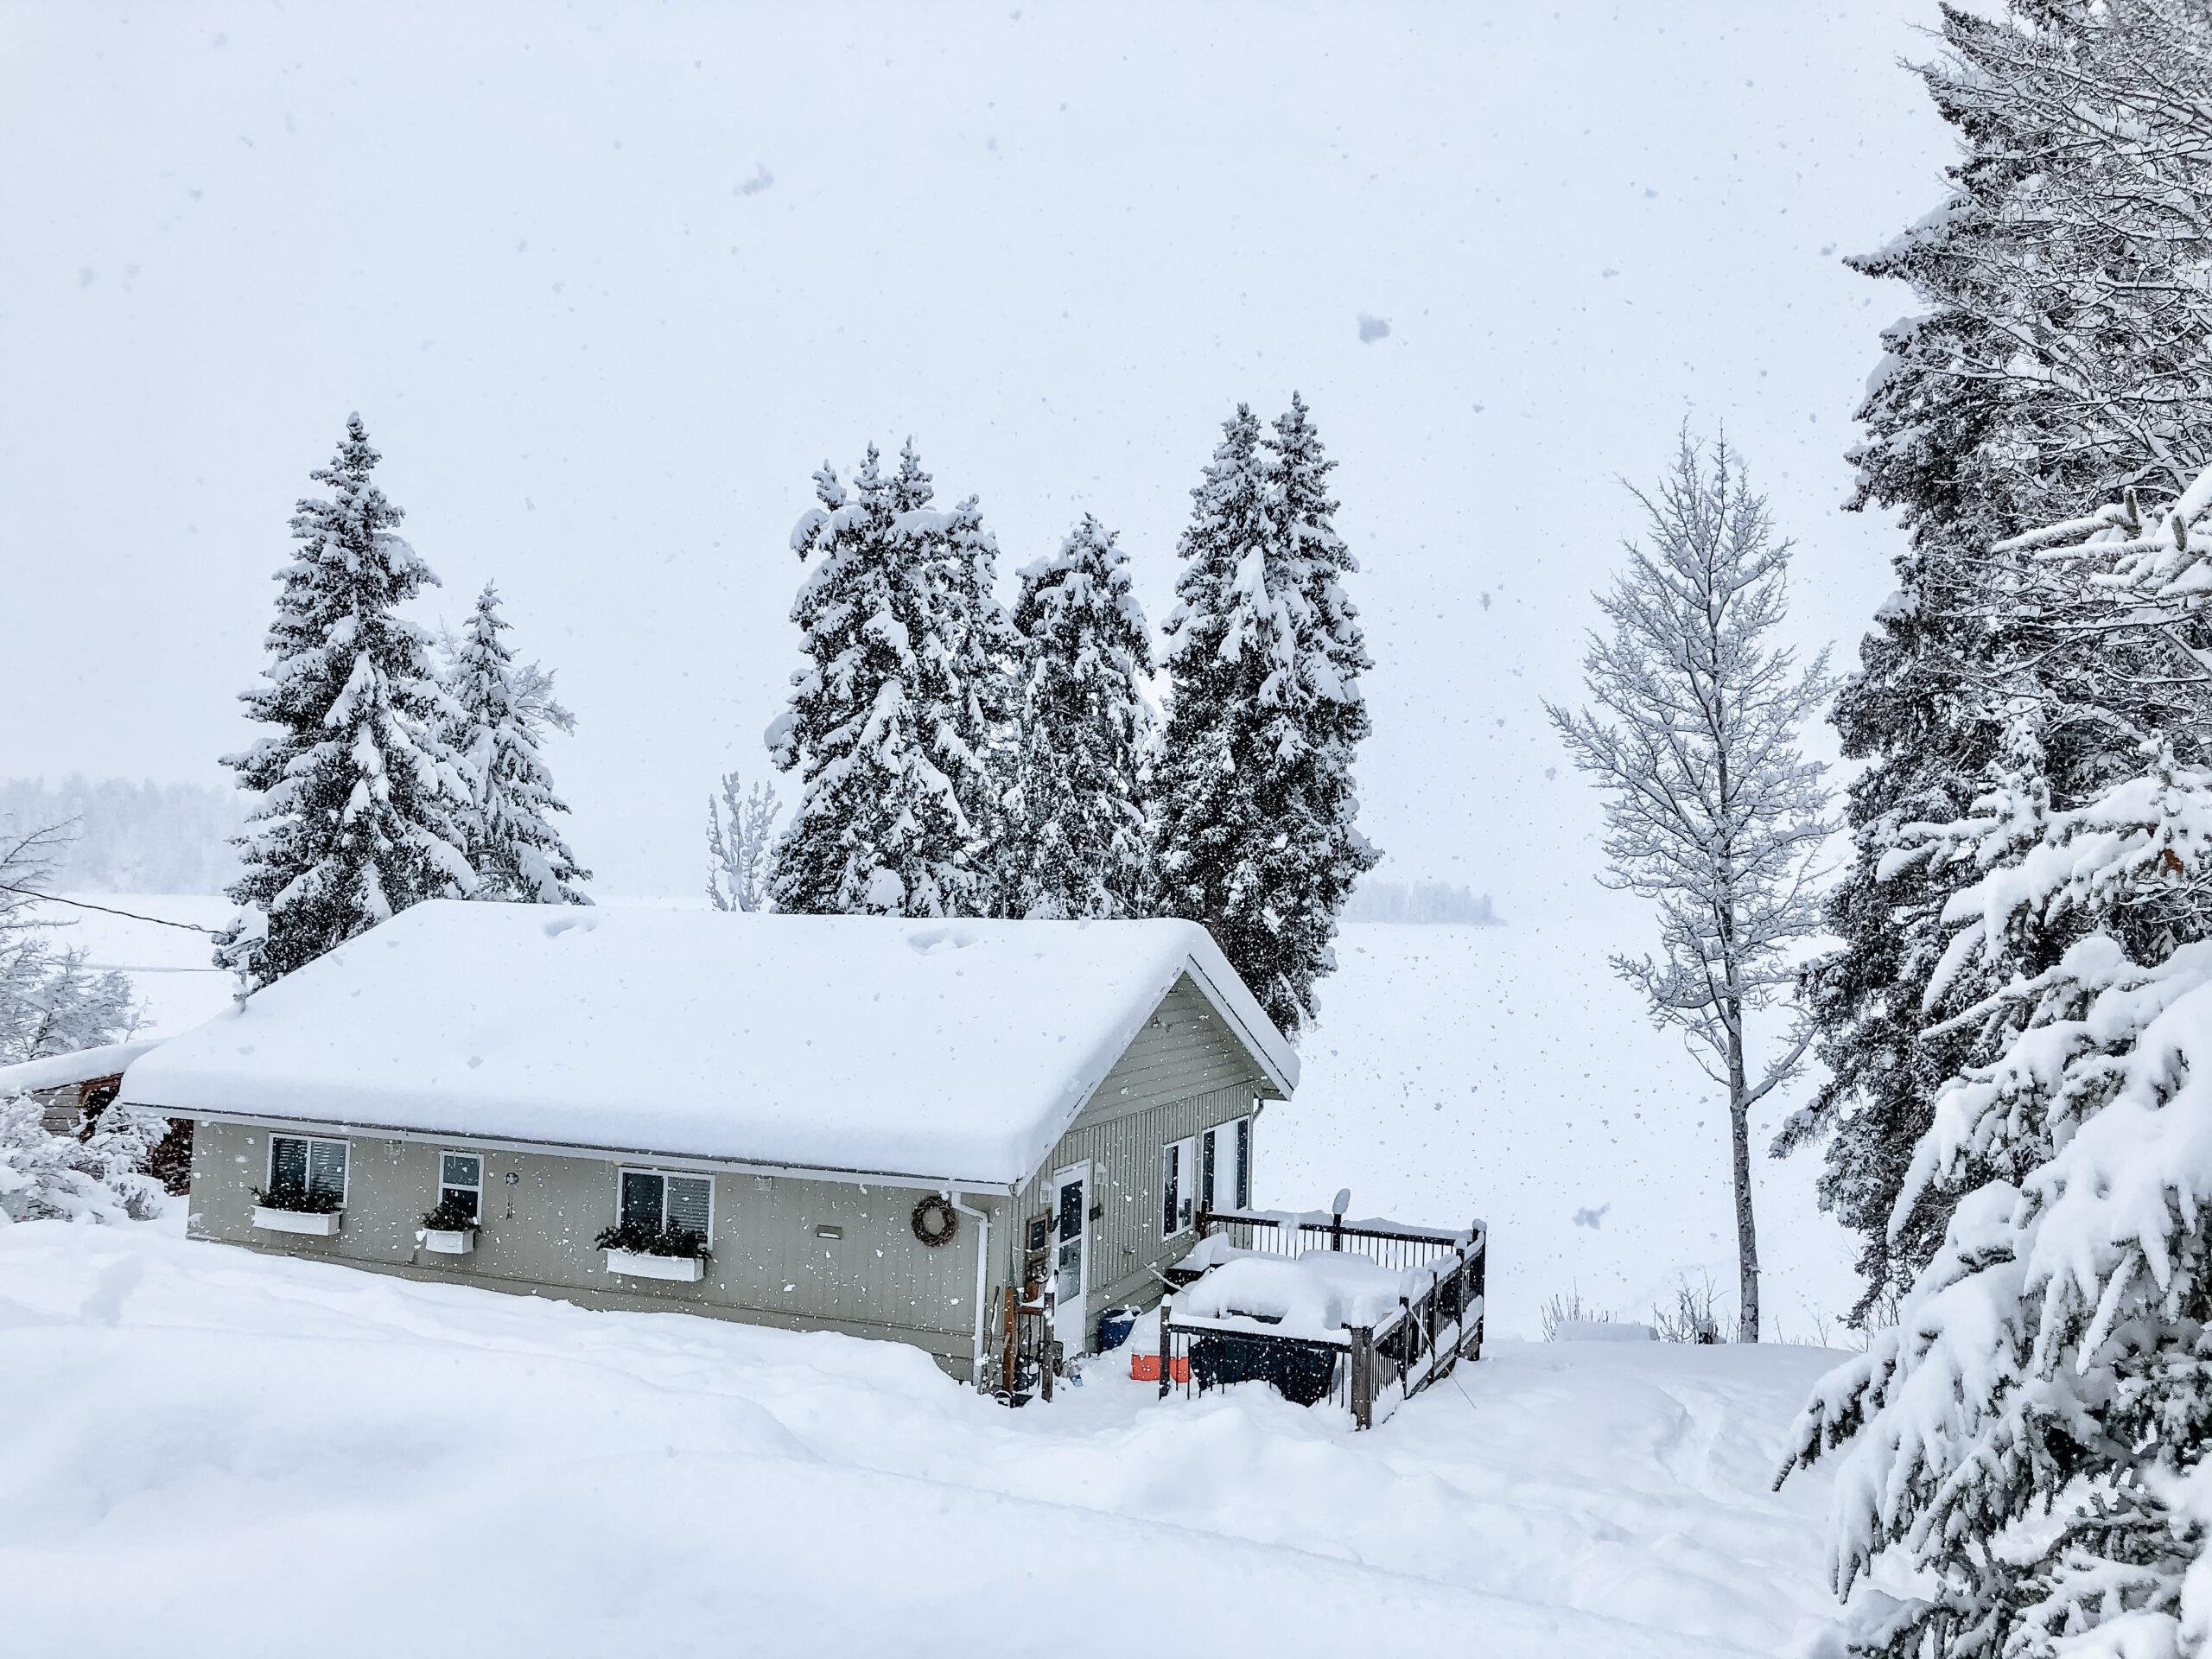 Winter cottage activities